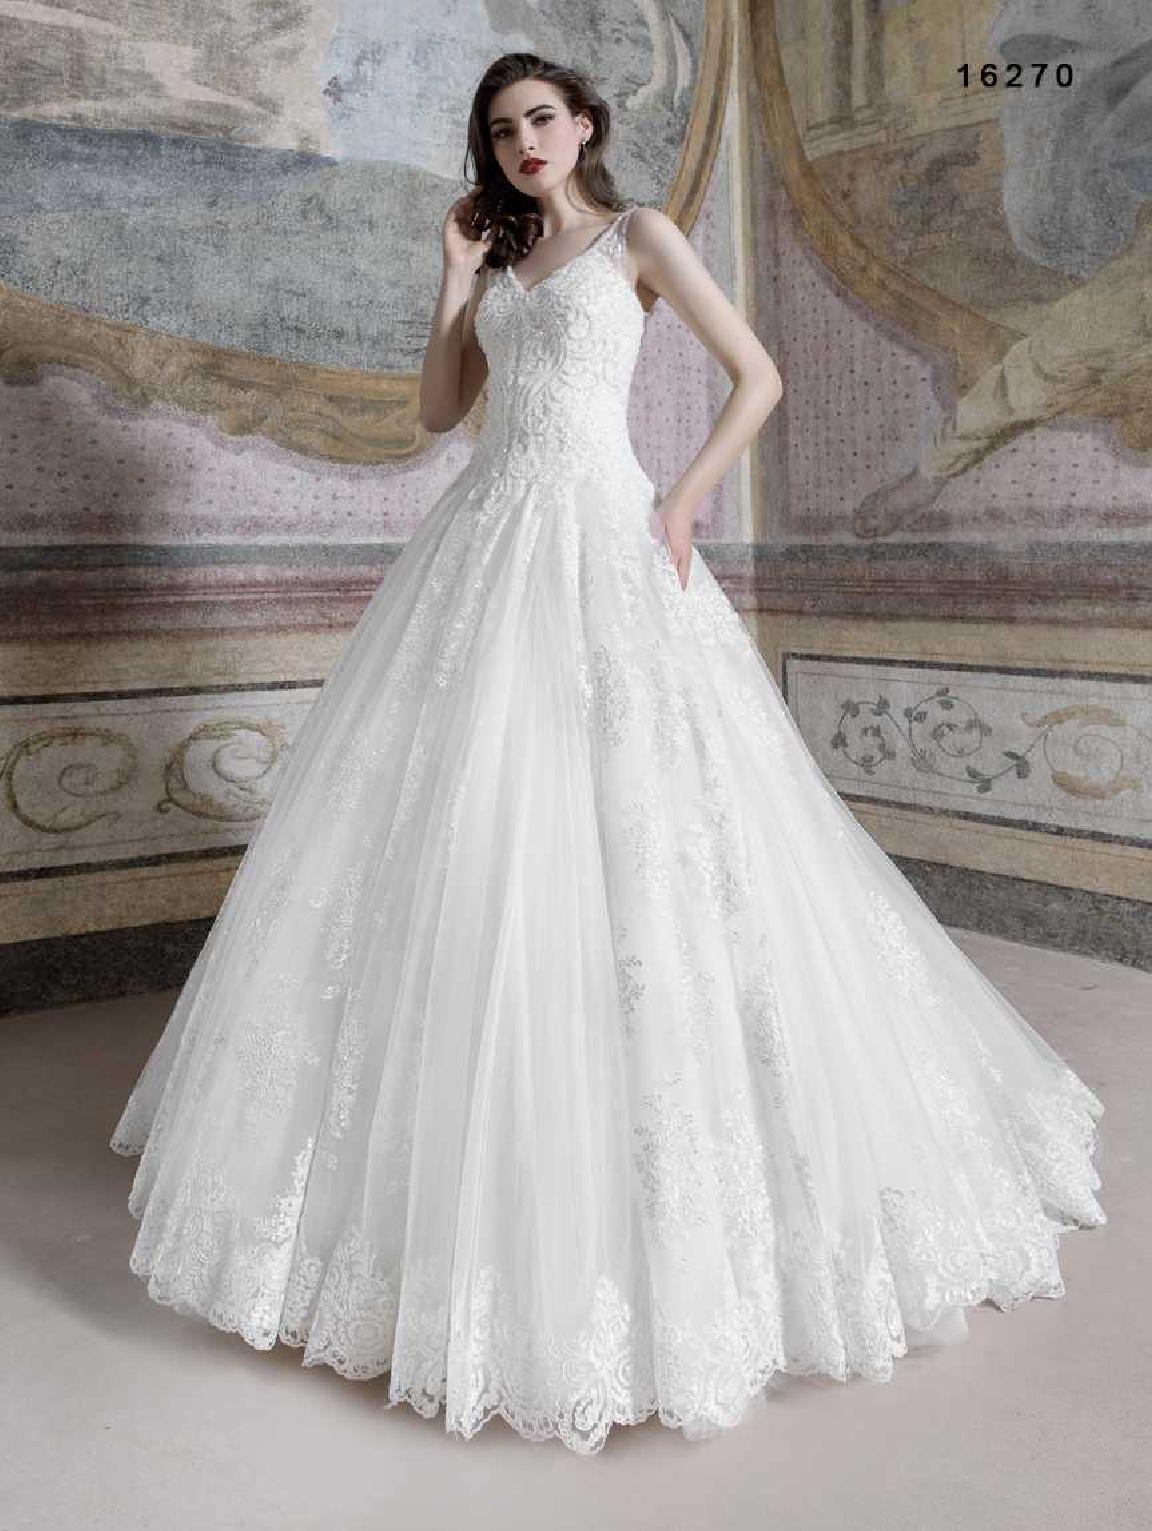 vinni-collezione-2017-abiti-sposa-64  ABITI DA SPOSA